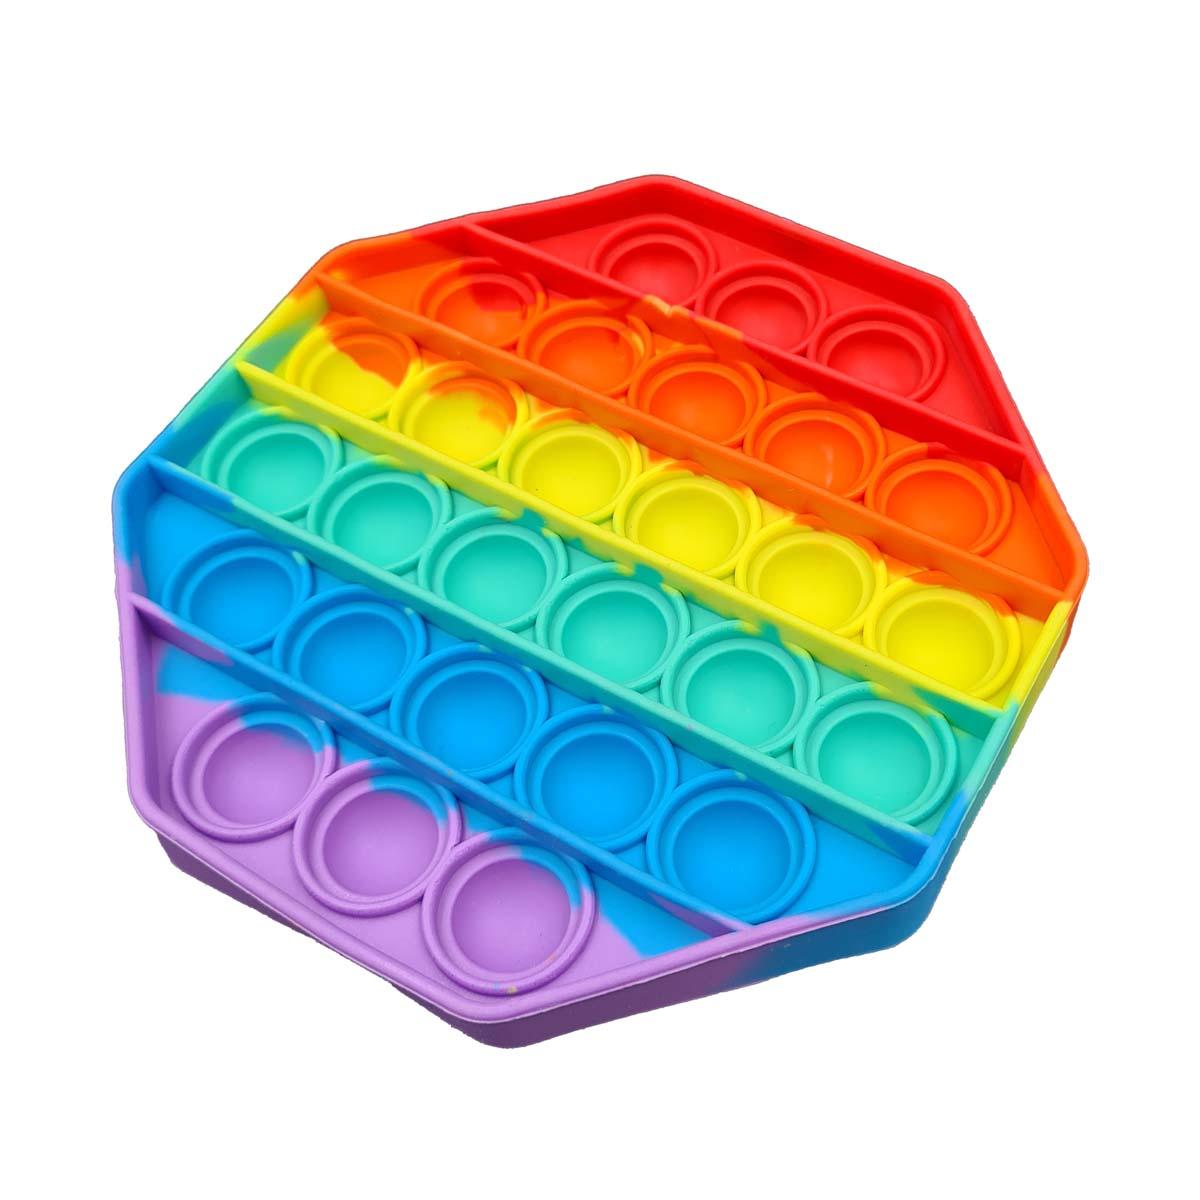 KIT 2 Pop It Fidget Toy Empurre Bolha Anti-Stress